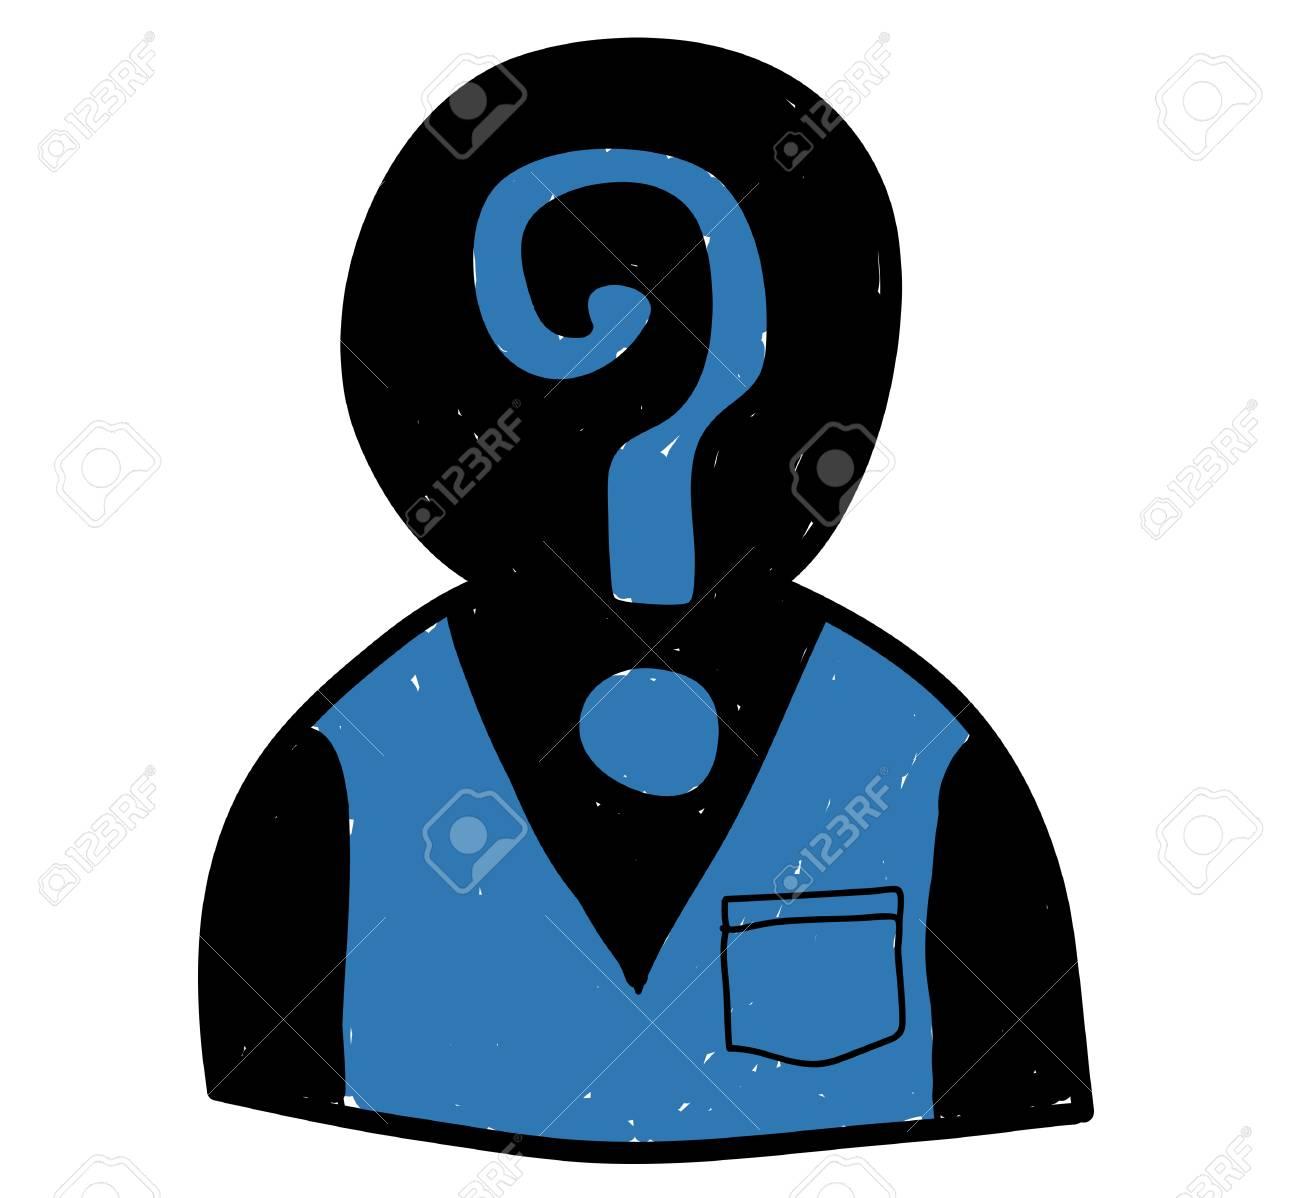 assessment employment recruitment hiring searching concept stock assessment employment recruitment hiring searching concept stock photo 46772032